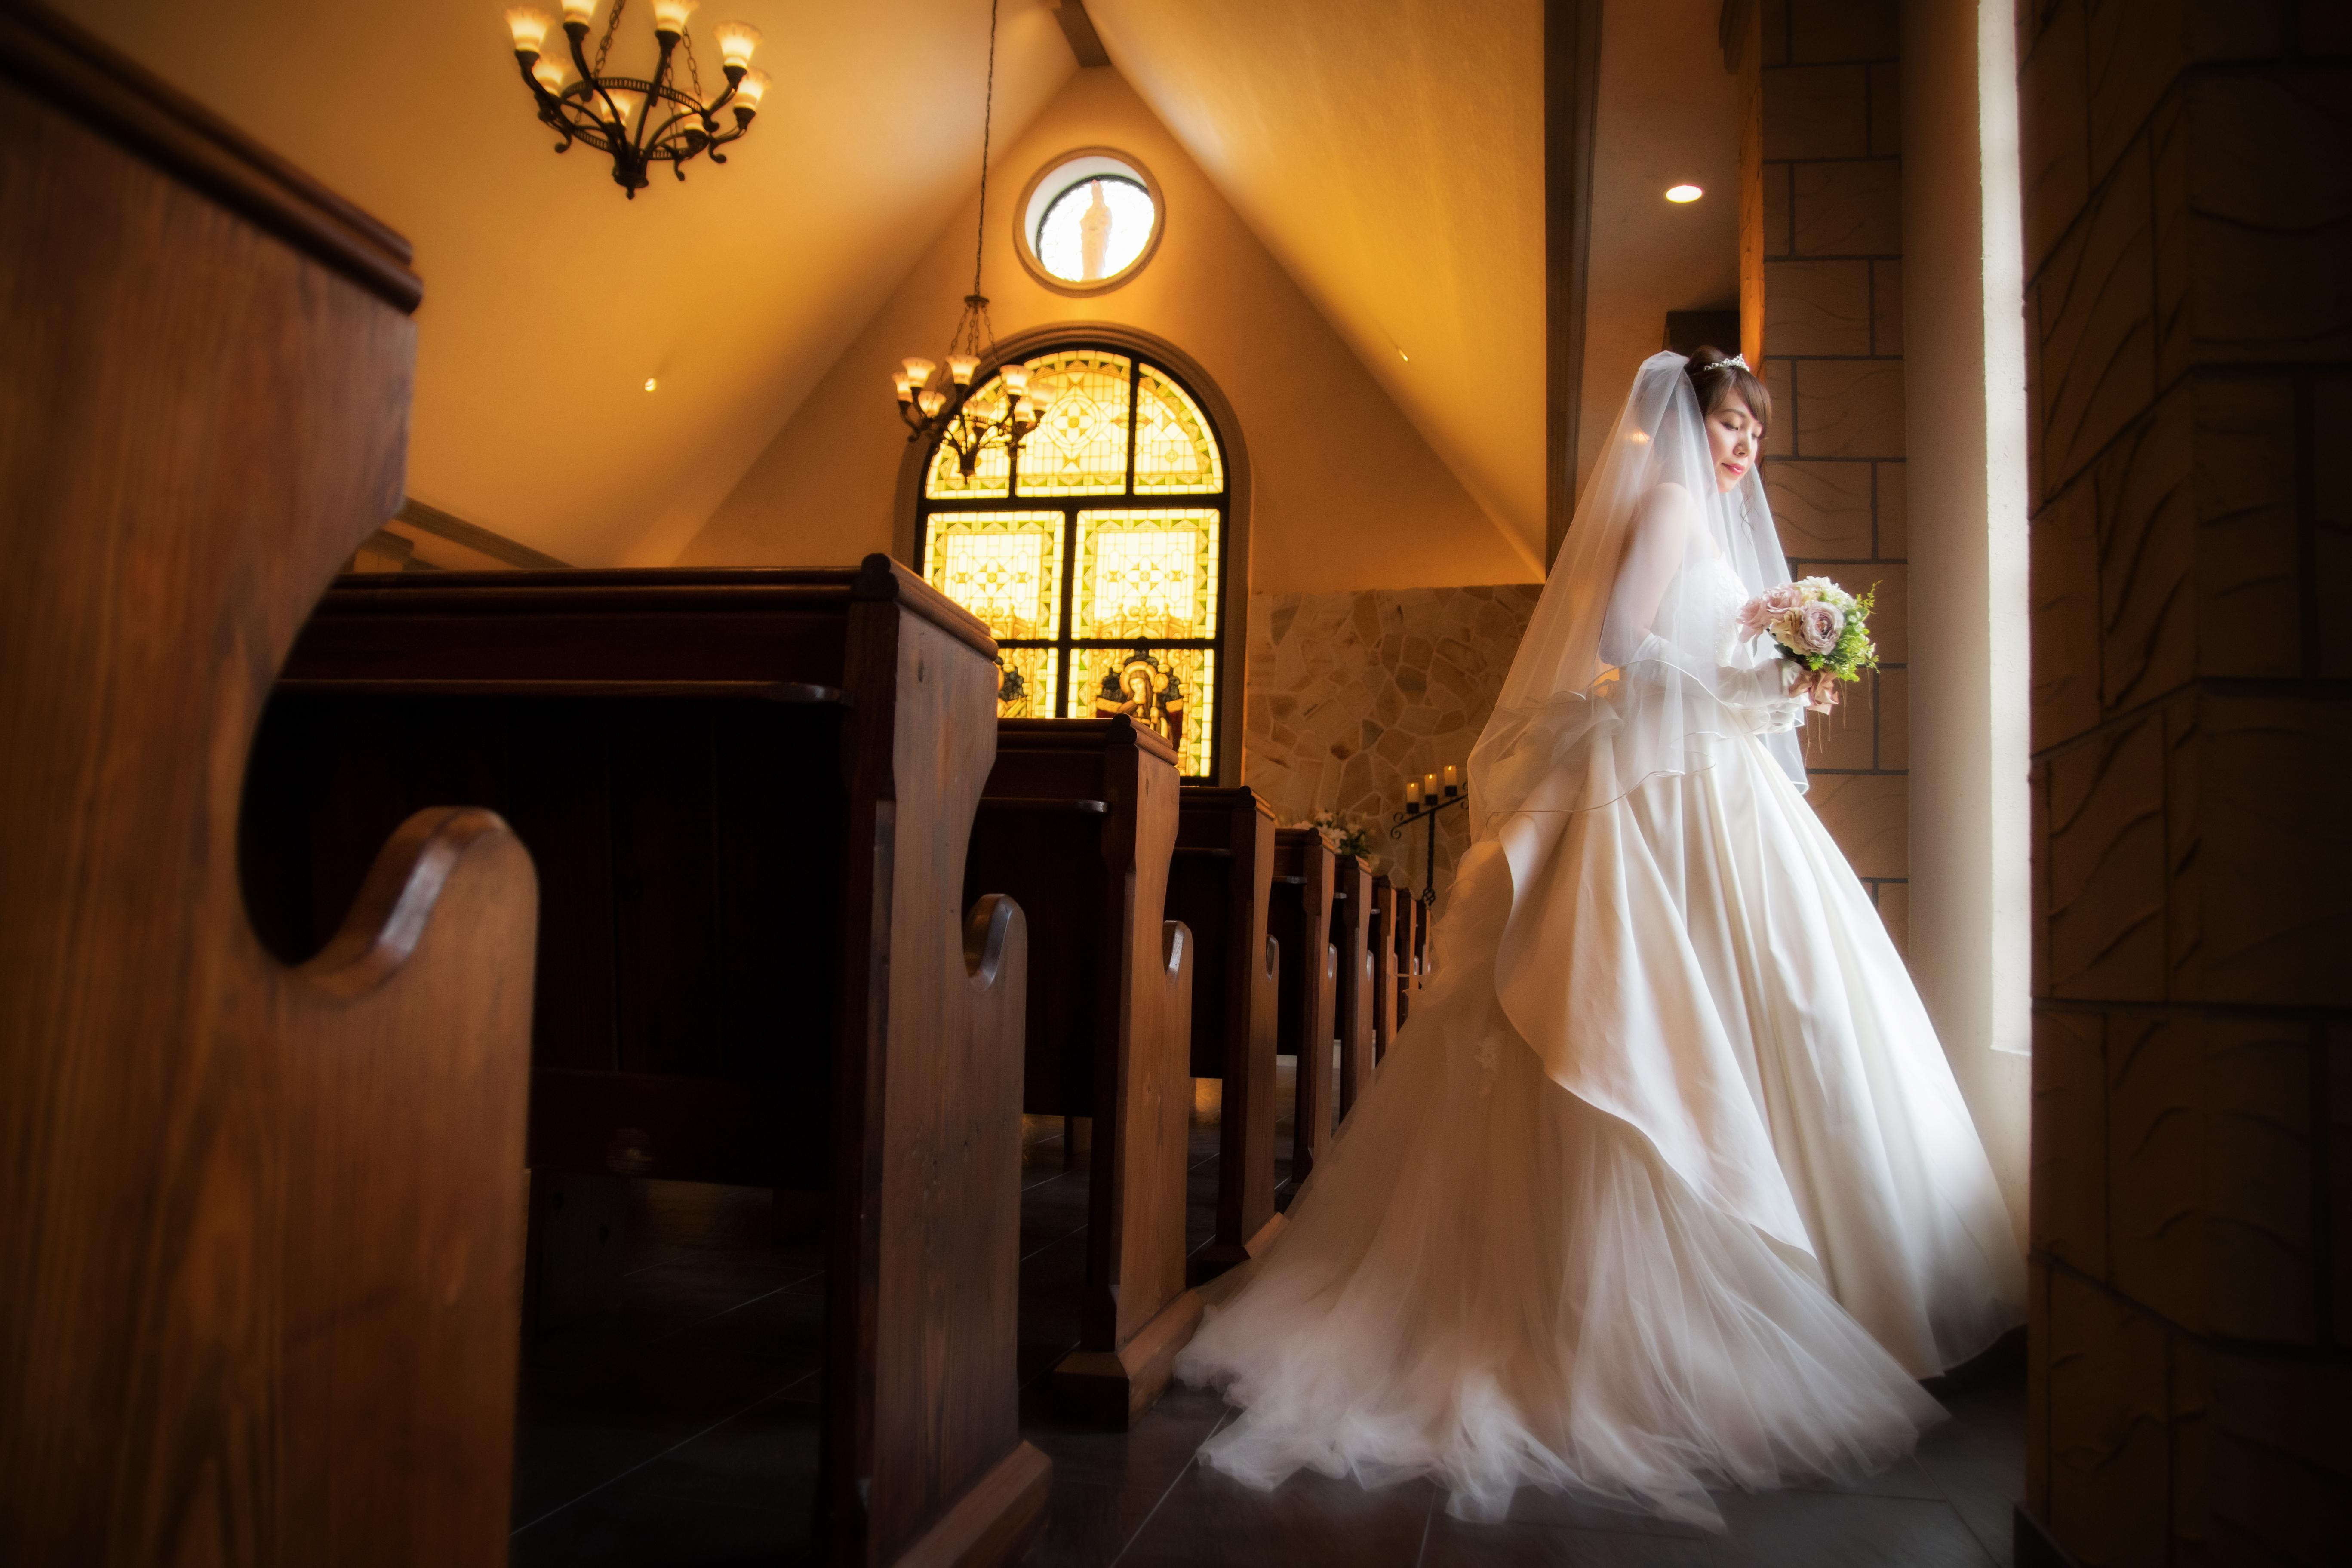 【倉石牛試食付】花嫁の美しさを引き立てる英国風チャペルとゲストおもてなし体験